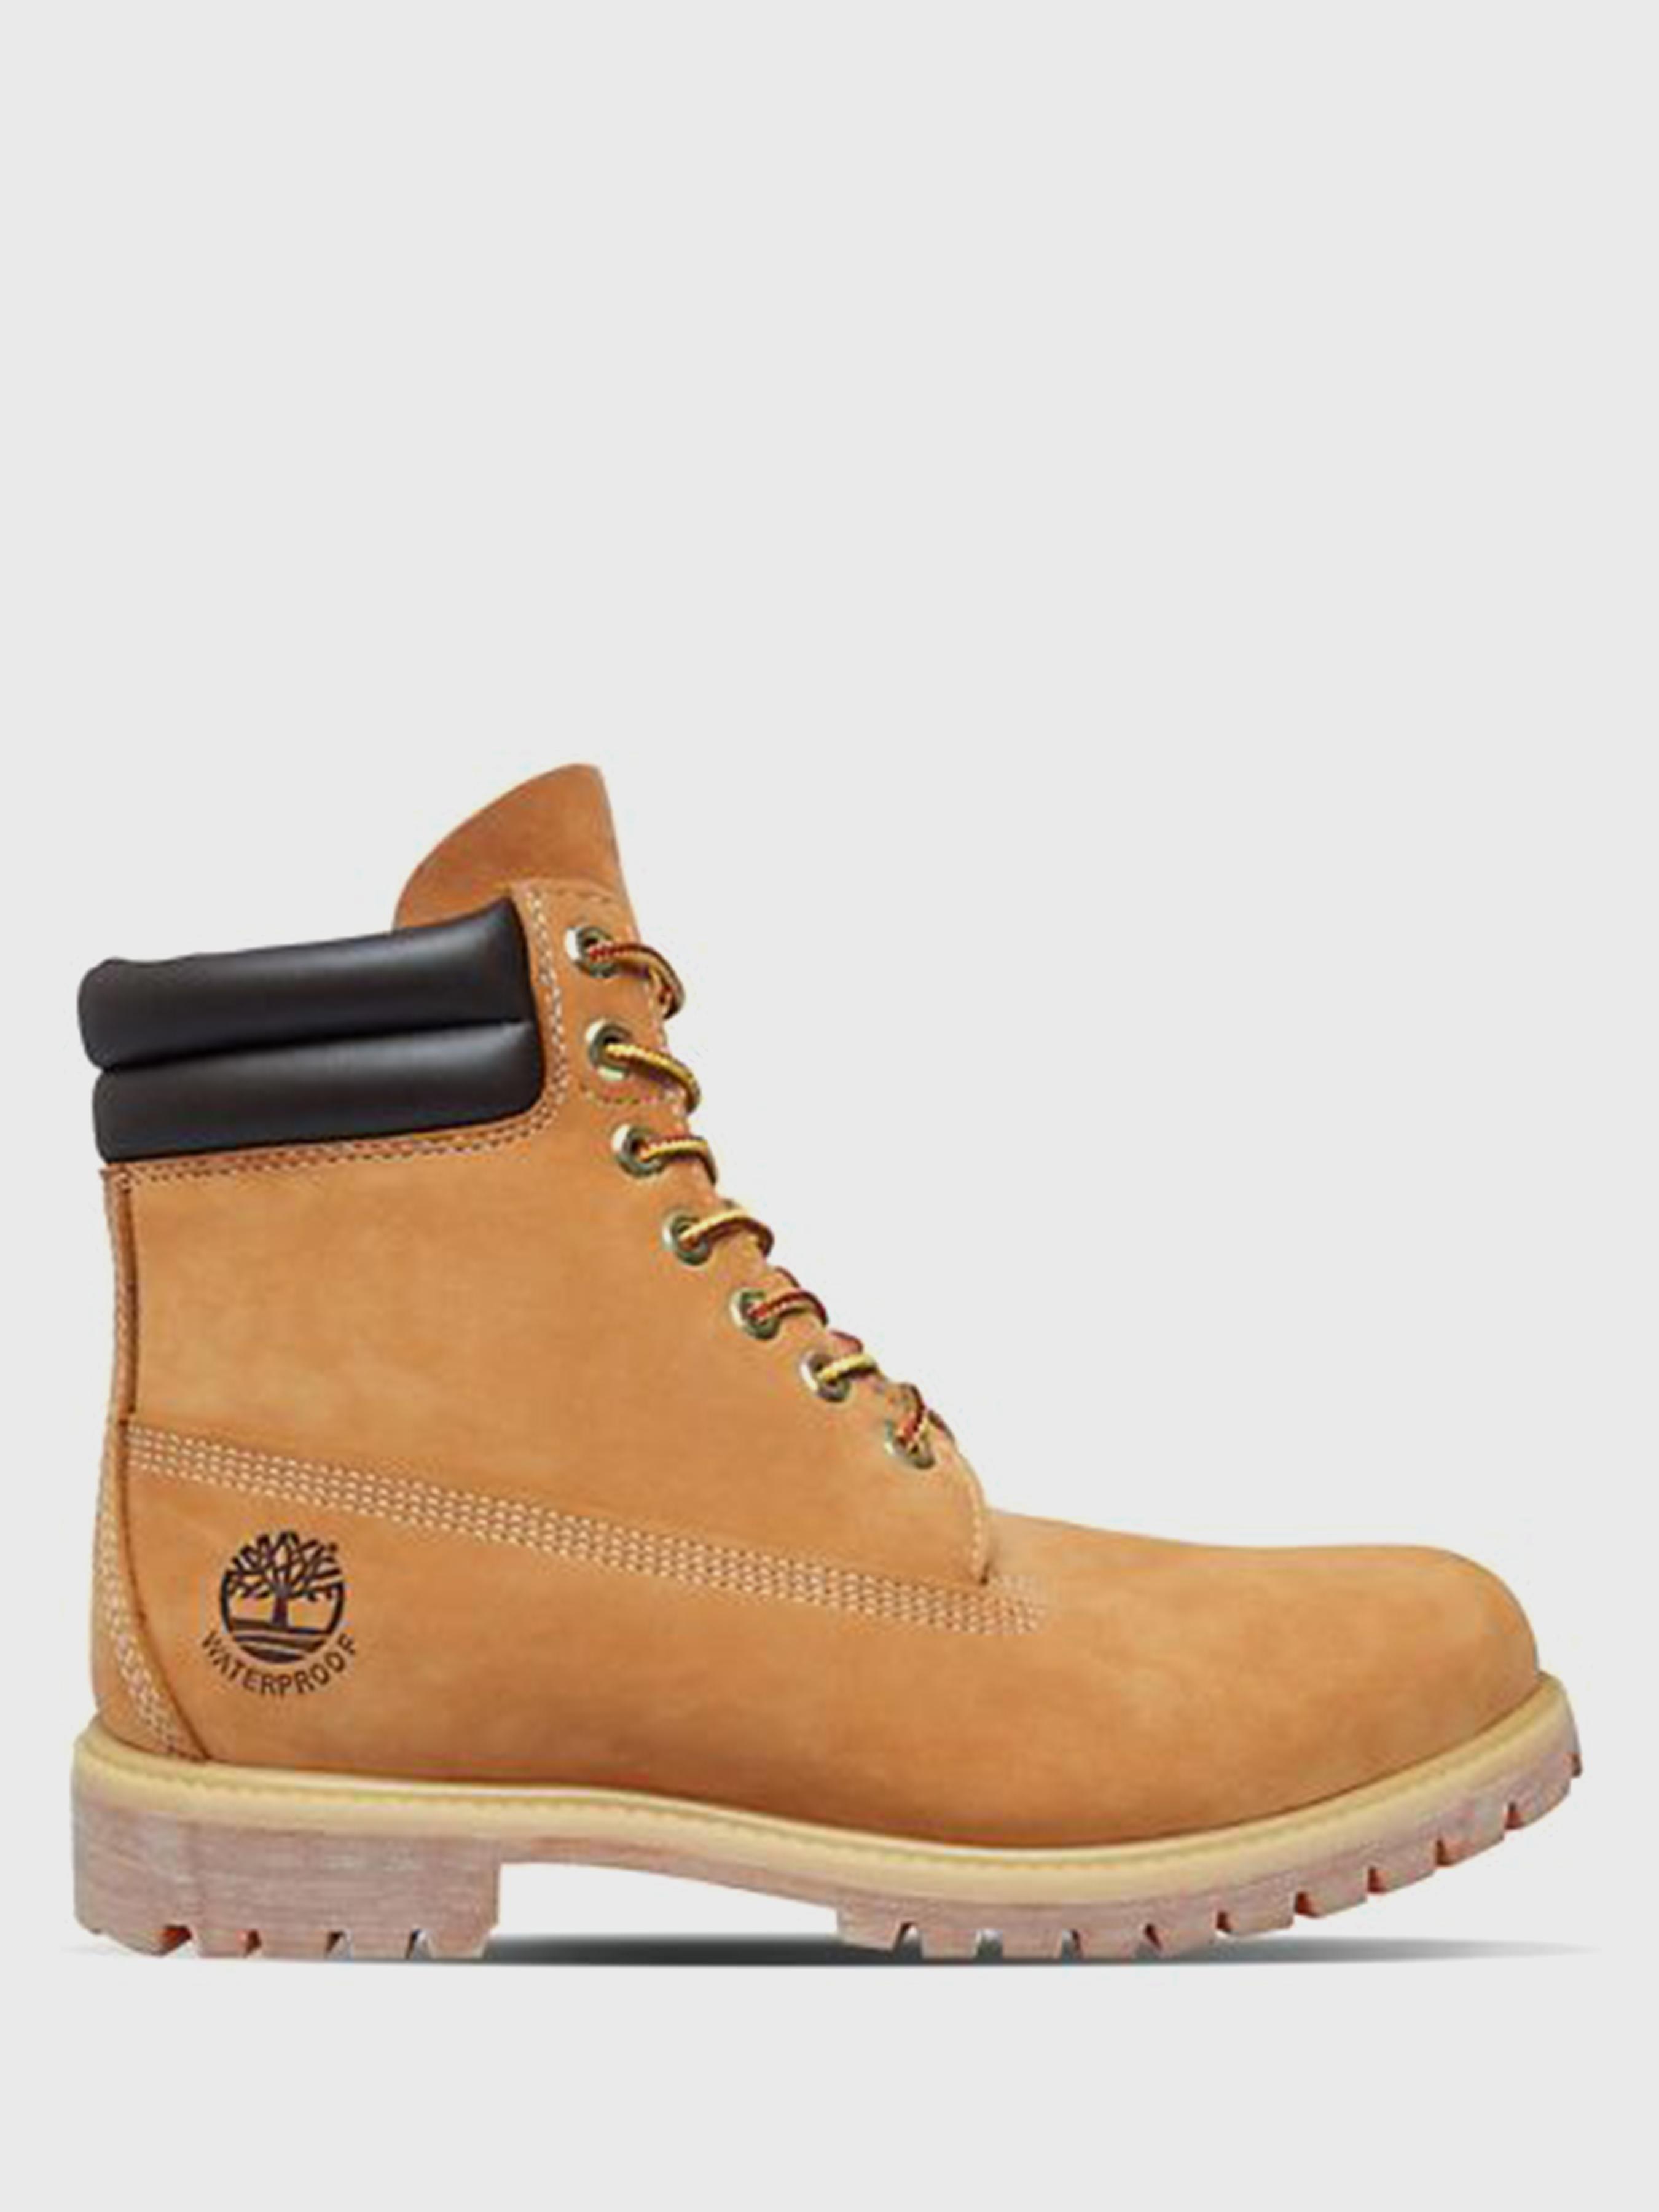 Купить Ботинки мужские Timberland Timberland Premium TF4045, Желтый